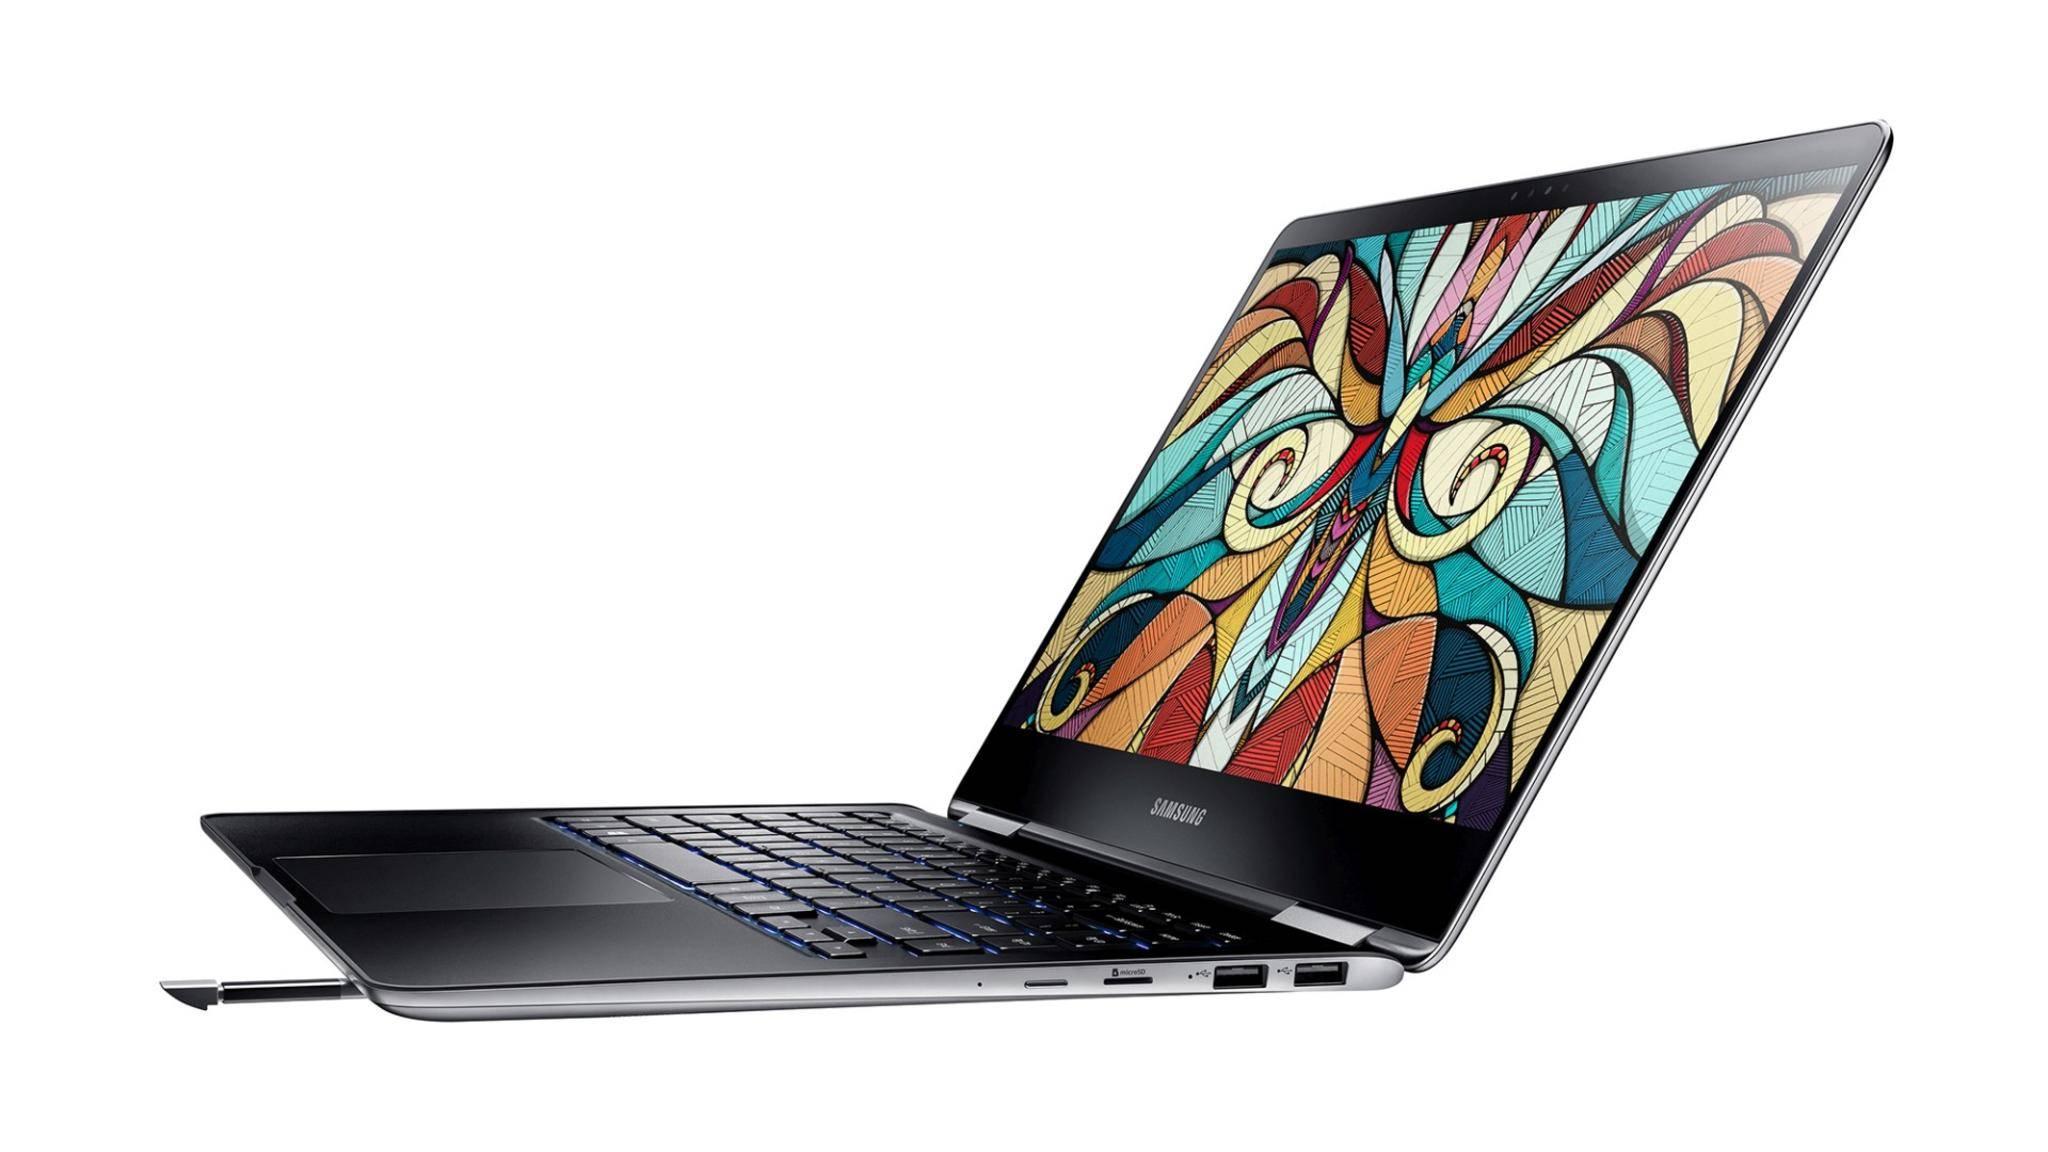 Das Notebook 9 Pro von Samsung bringt einen S-Pen mit.